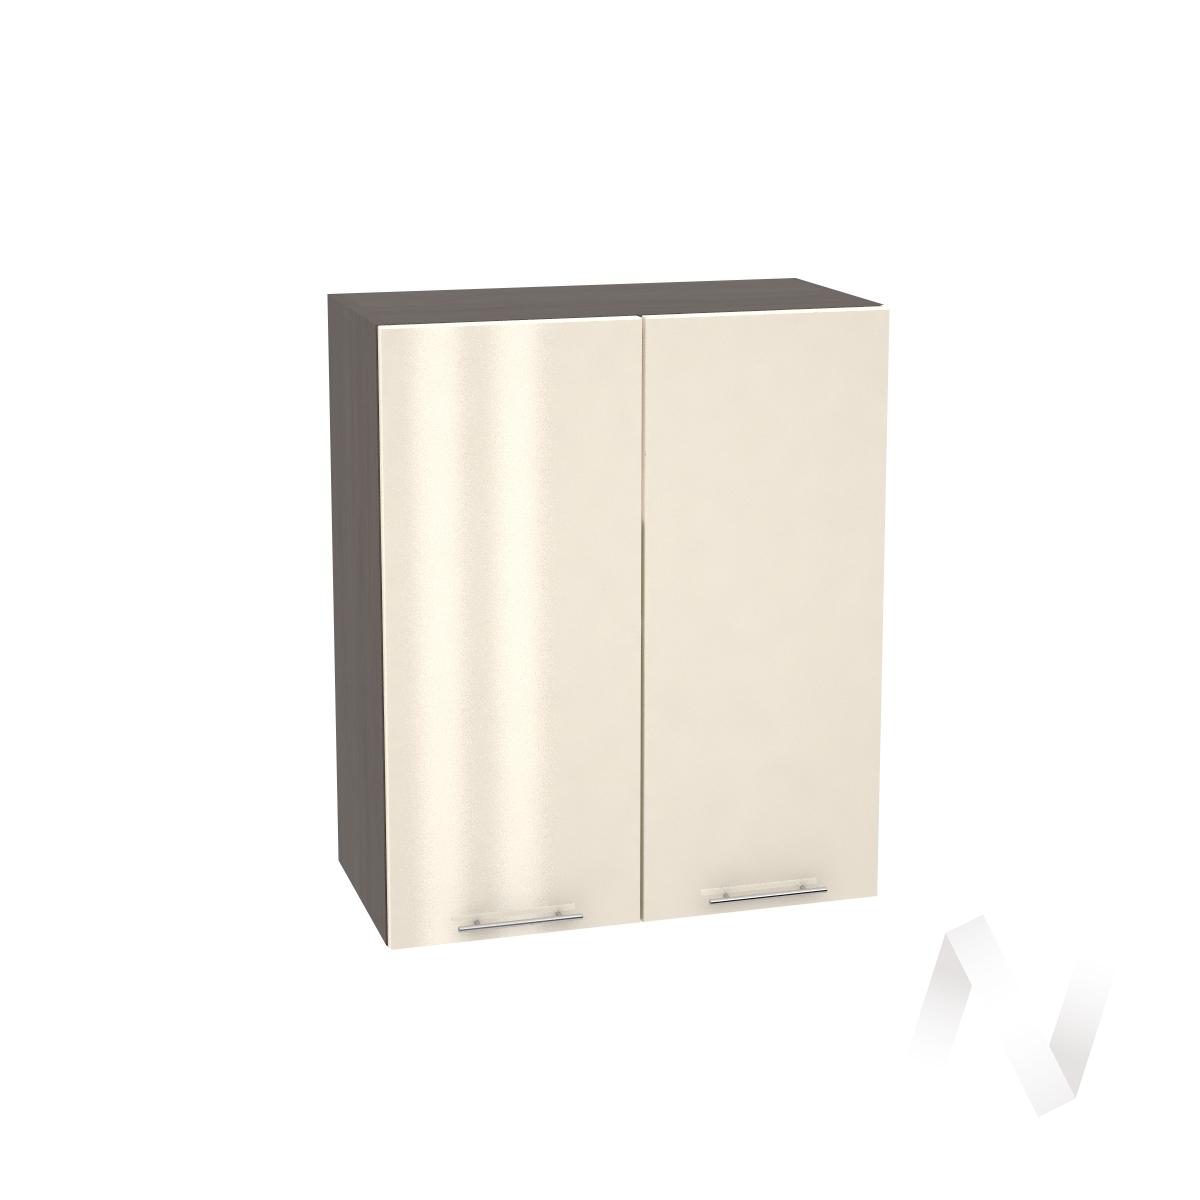 """Кухня """"Валерия-М"""": Шкаф верхний 600, ШВ 600 (Ваниль глянец/корпус венге)"""